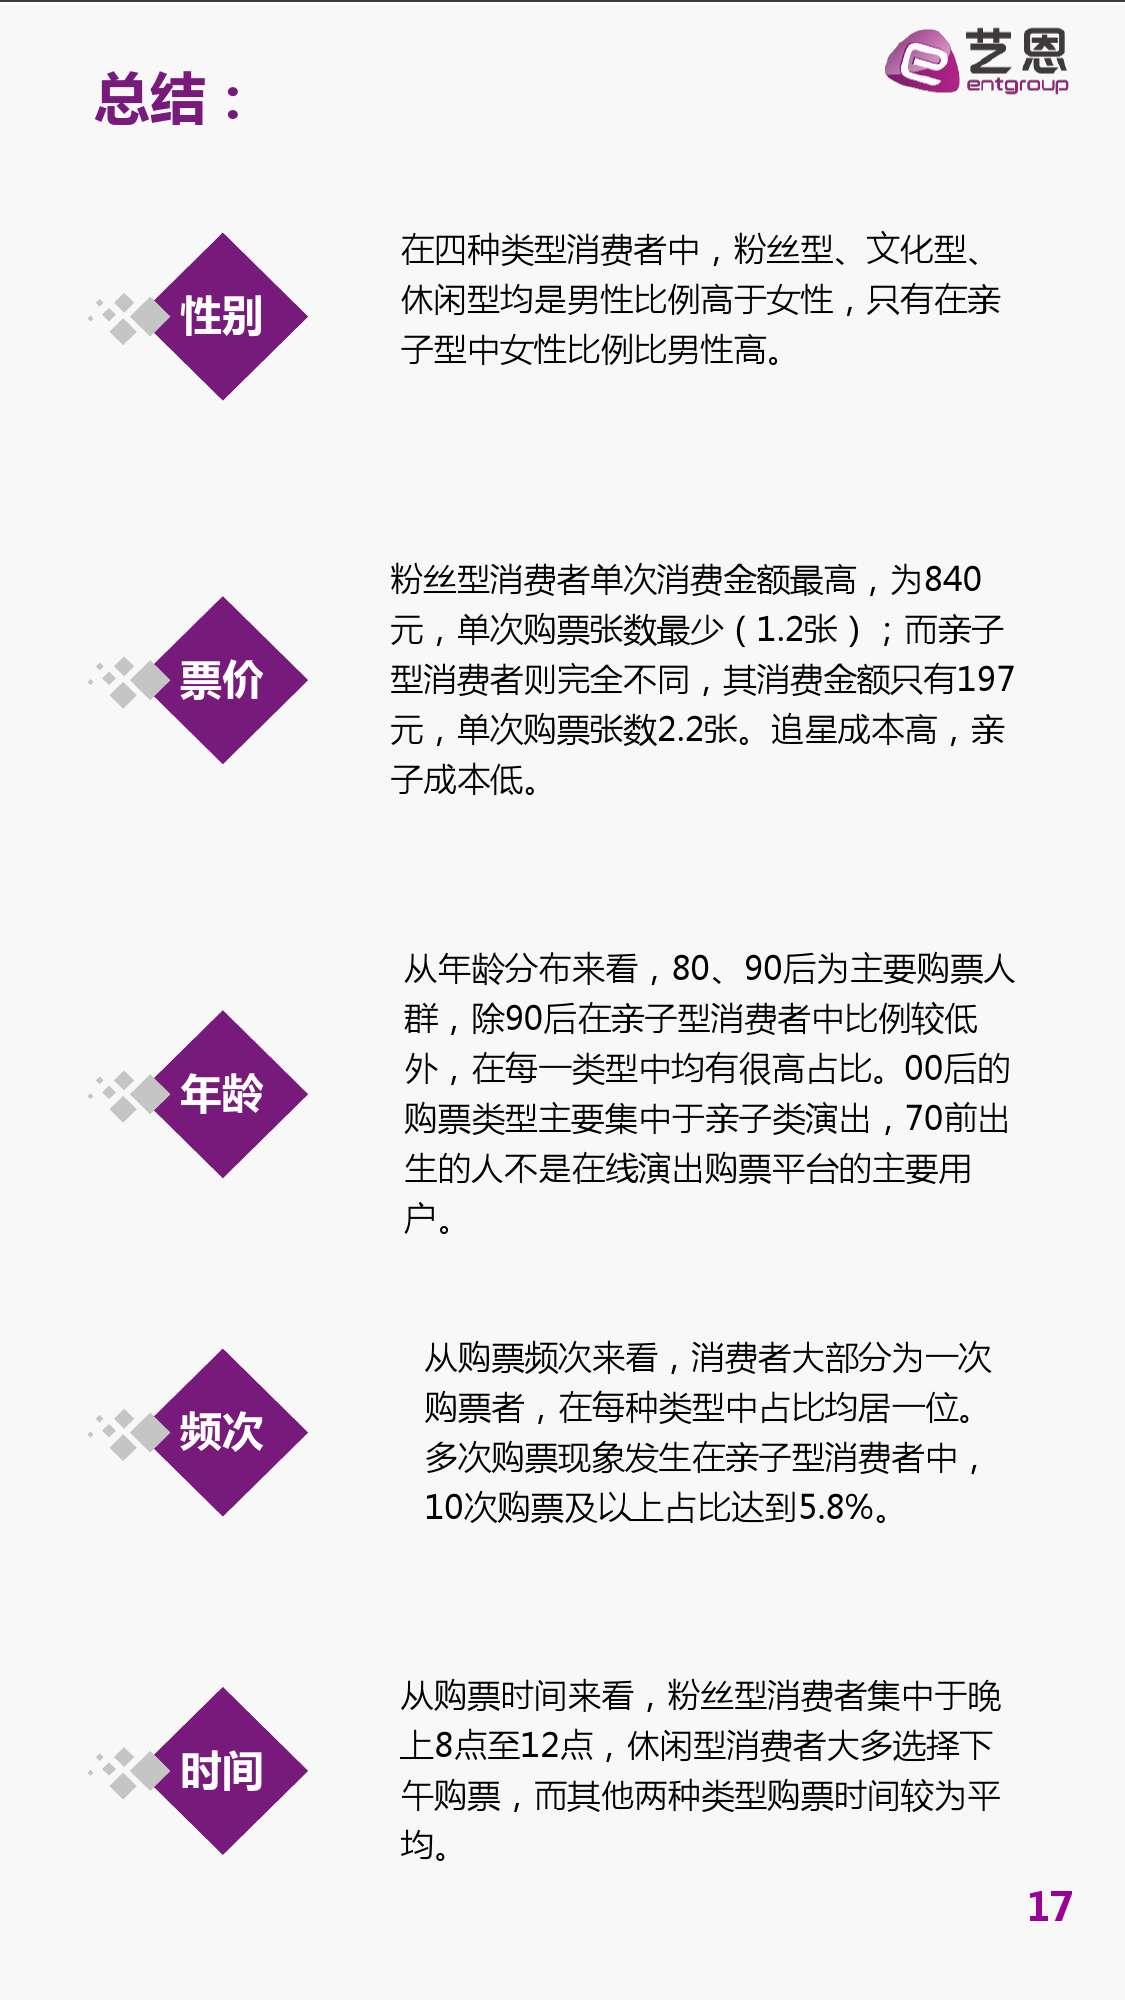 演出在线购票用户报告_000019